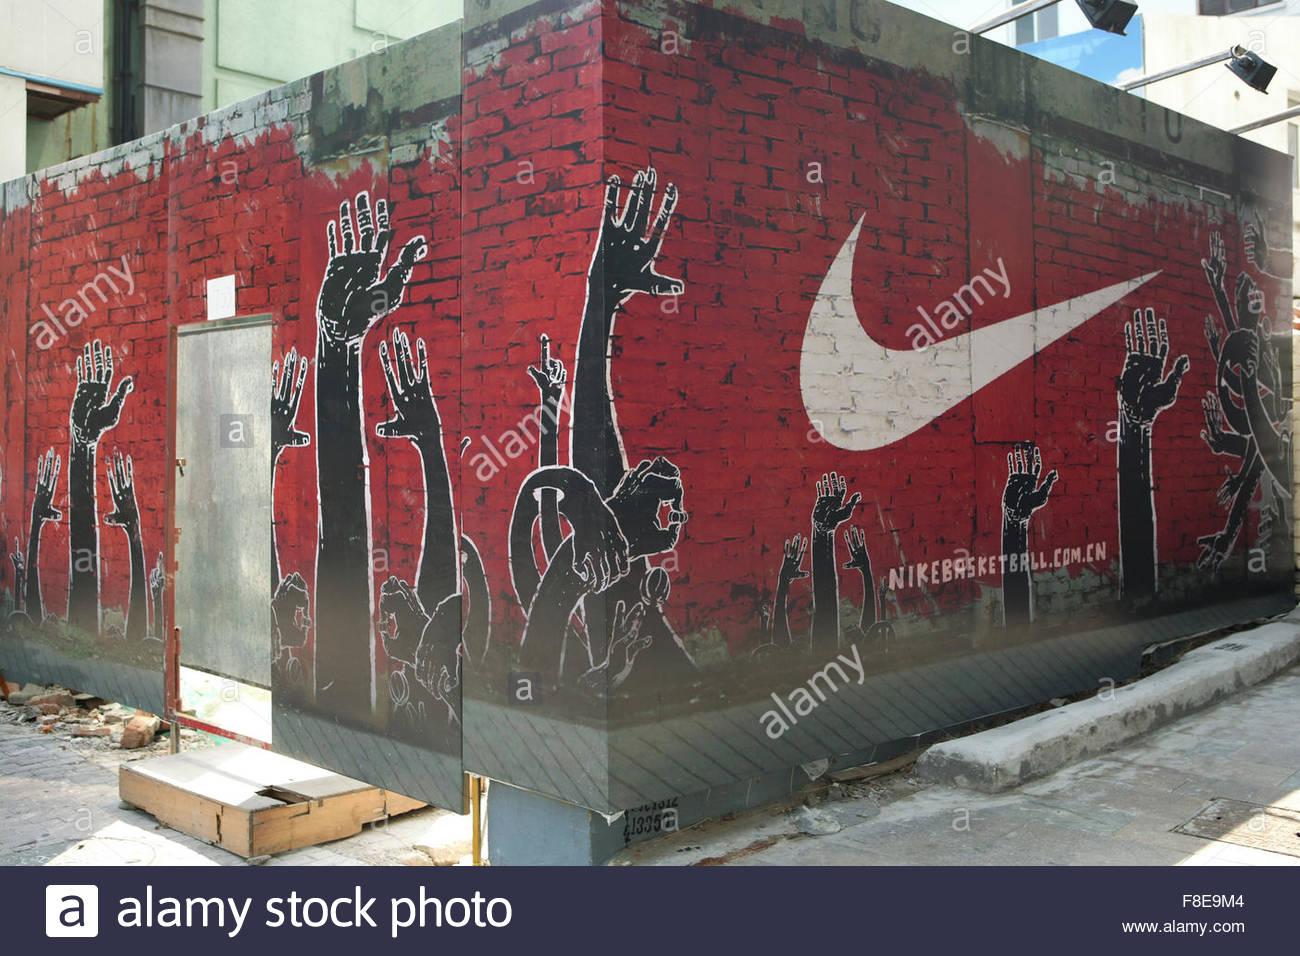 Nike logo Graffiti Stock Photo  91284036 - Alamy a0915d640bd2